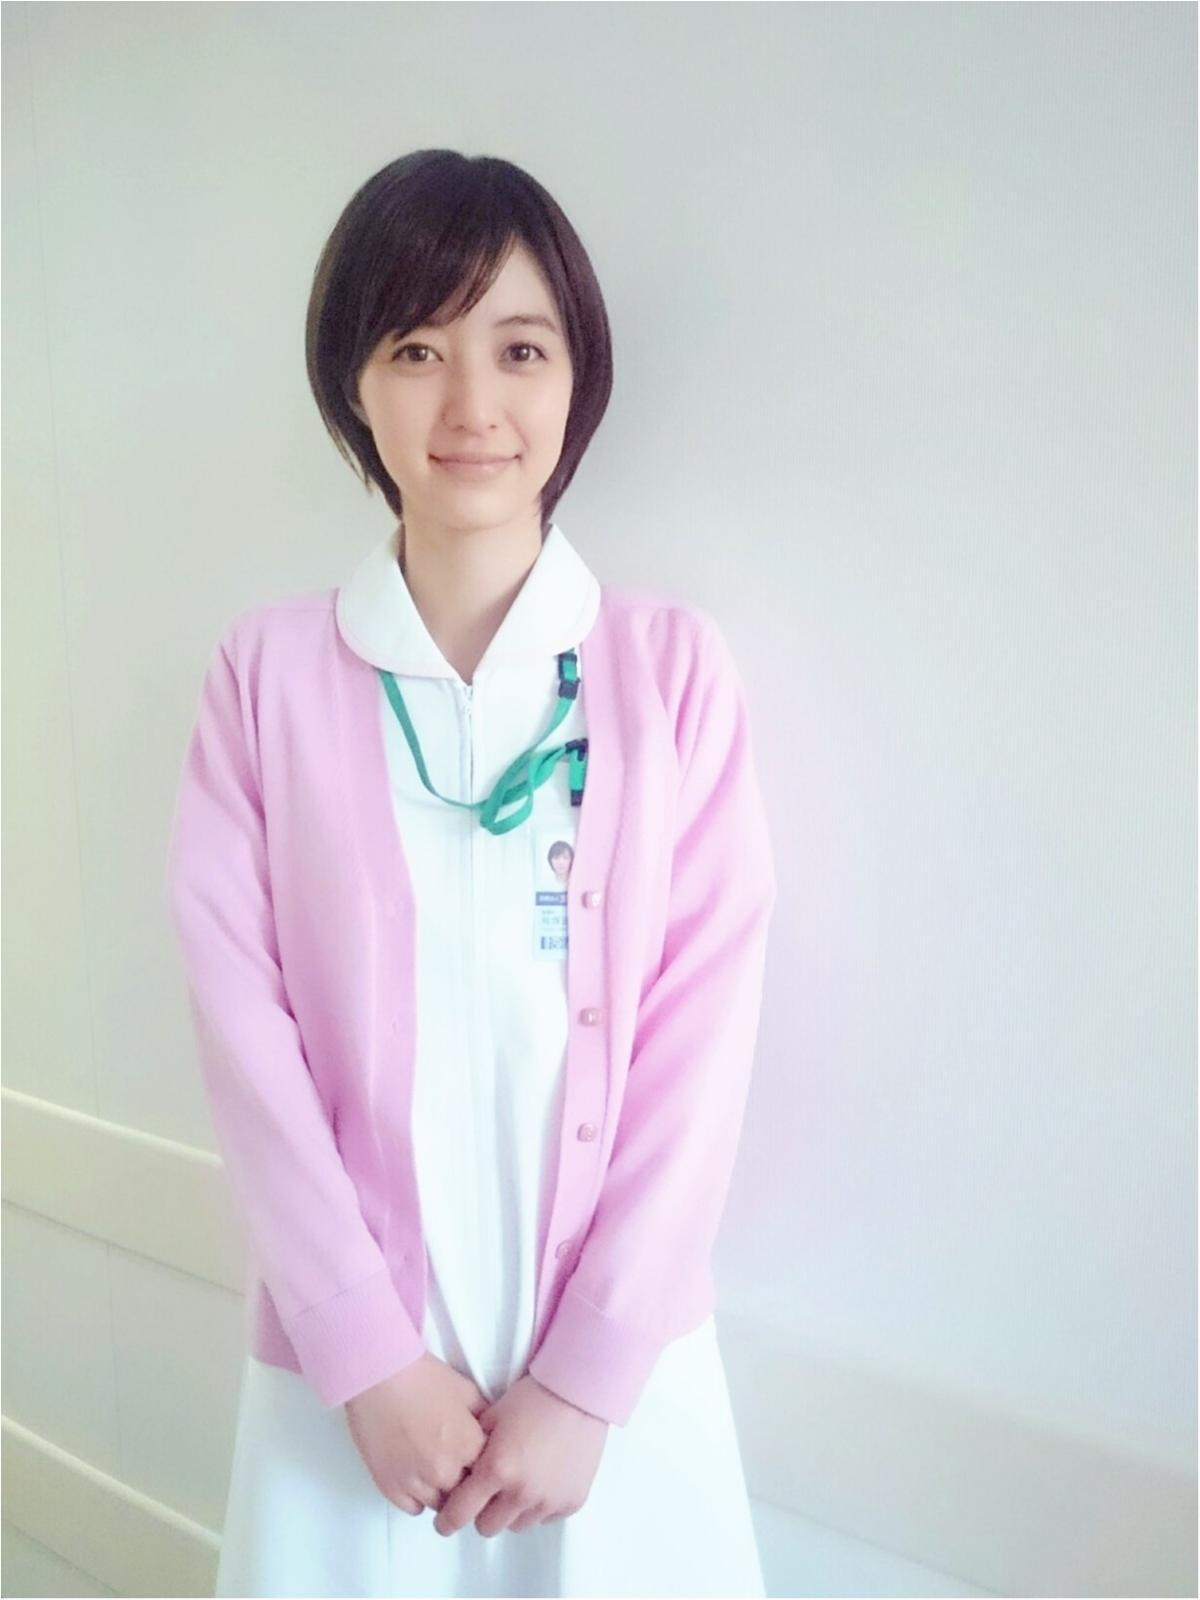 逢沢りな 【テレビ出演情報】逢沢りな、「スペシャリスト」で看護士になる!? | ファッション(コーディネート・流行) | DAILY MORE